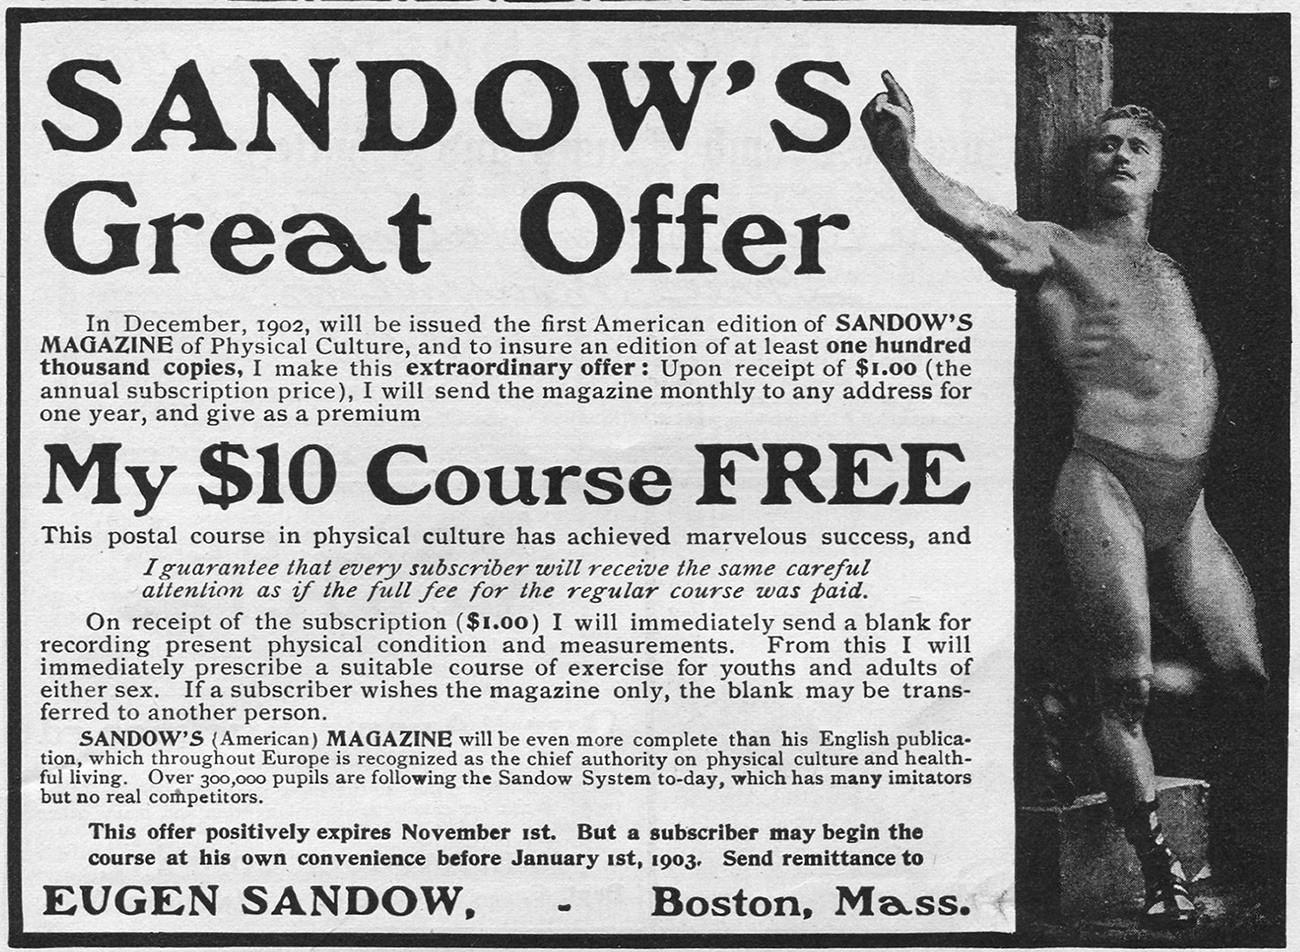 Реклама магазина Сандова штампаног у Бостону